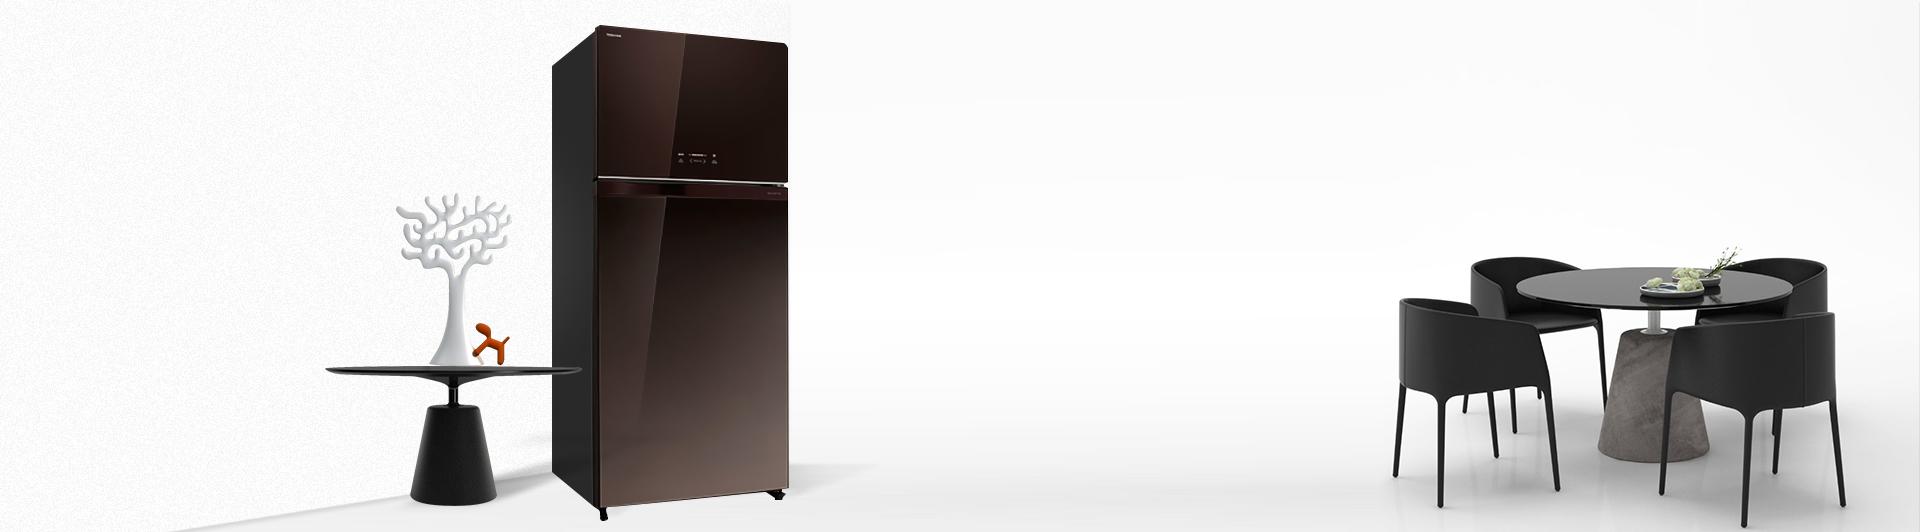 Tủ lạnh Toshiba GR-WG66VDAZ 600 lít 2 cửa